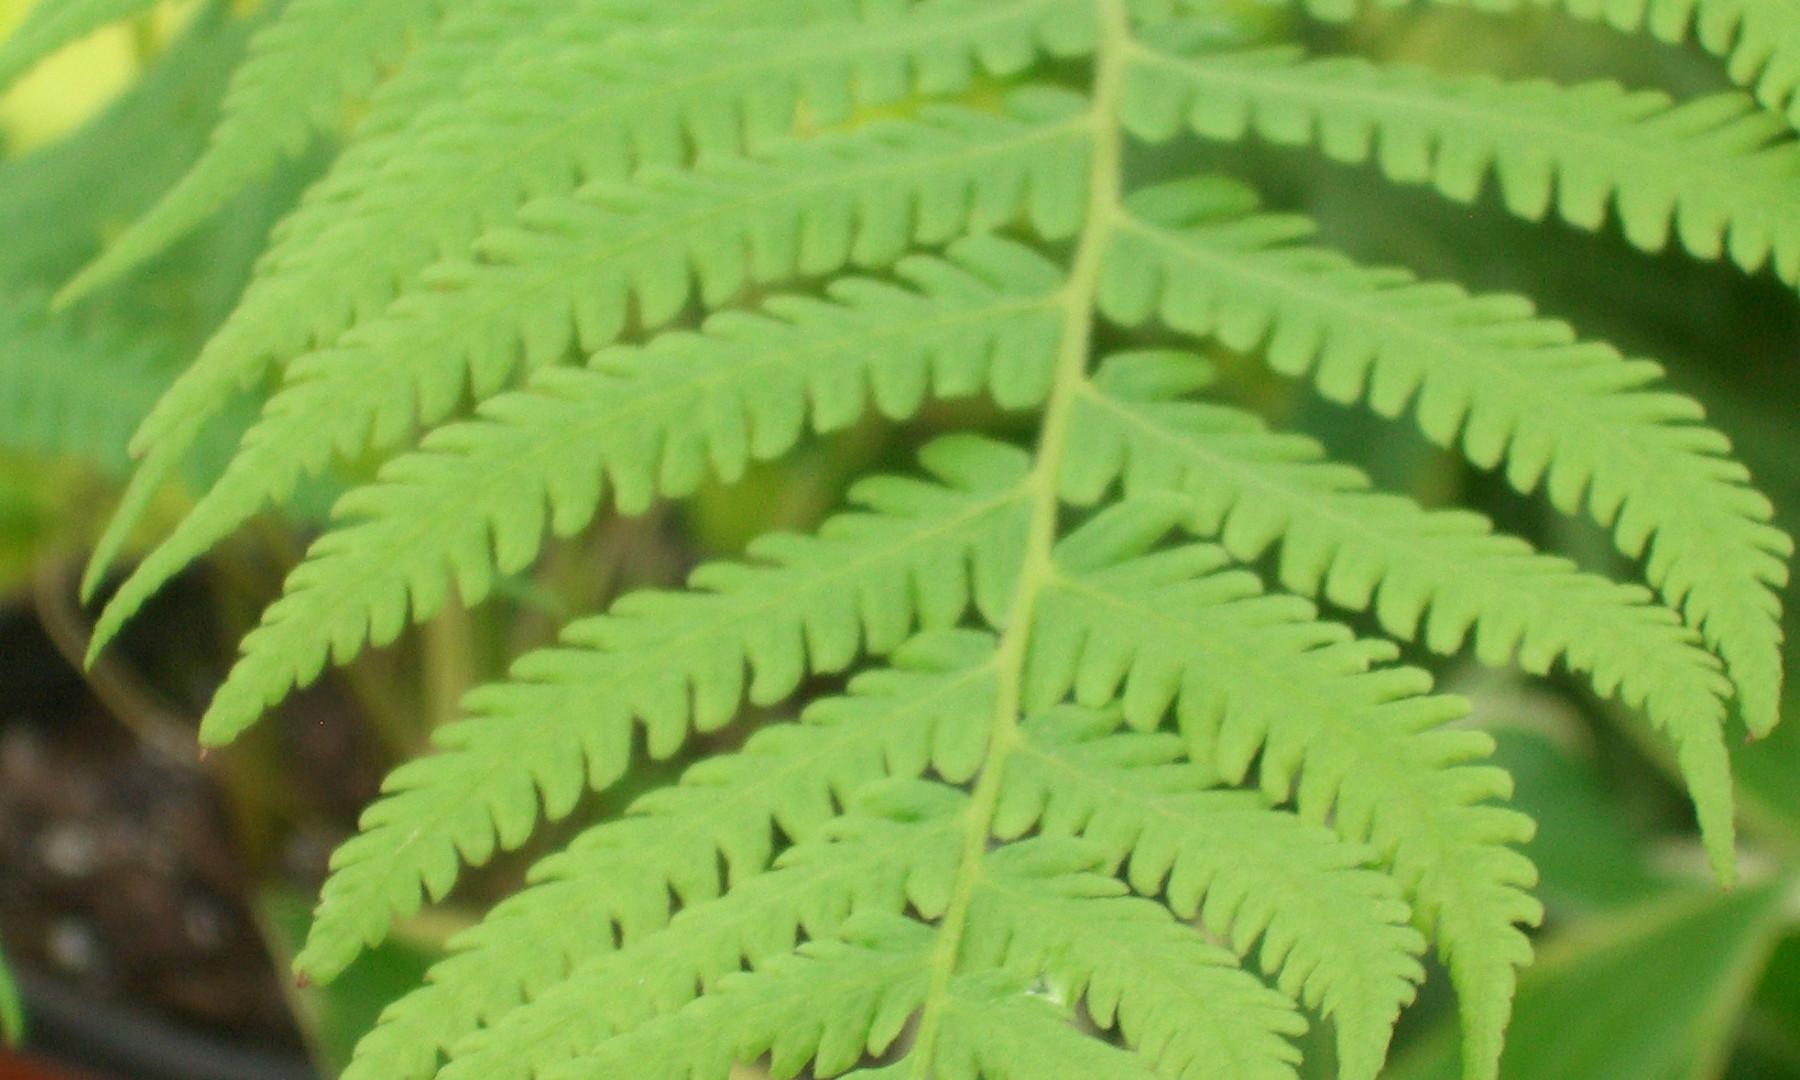 Thelypteris kunthii